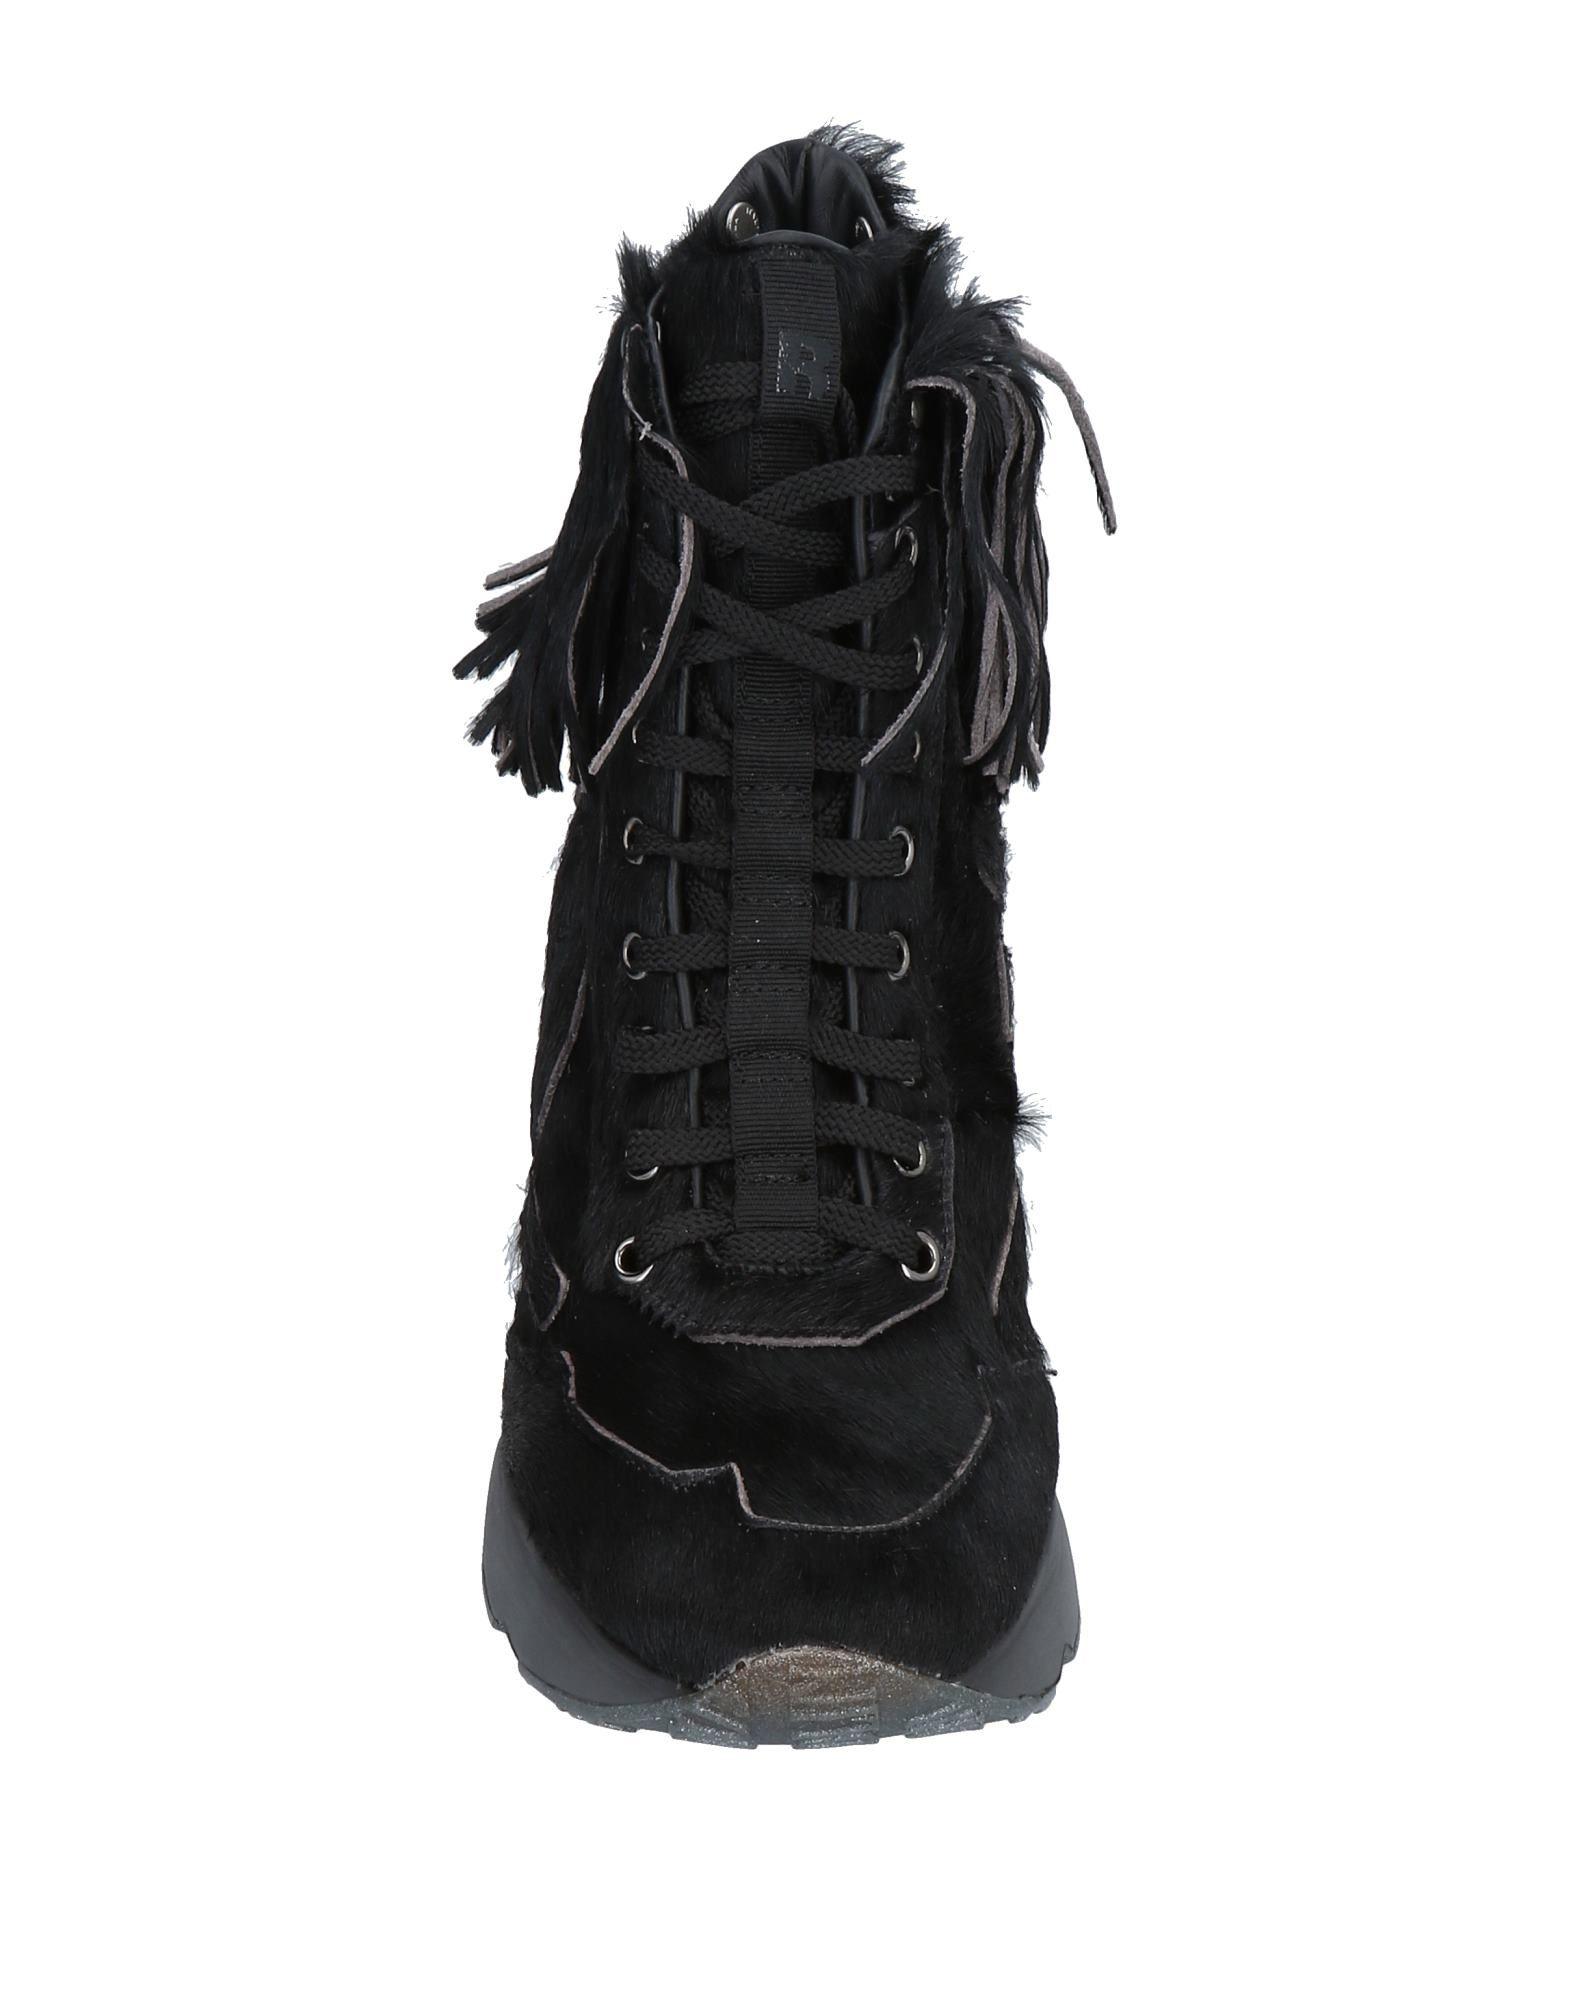 Stilvolle billige Schuhe Damen Ruco Line Sneakers Damen Schuhe  11492439UC 0058a1